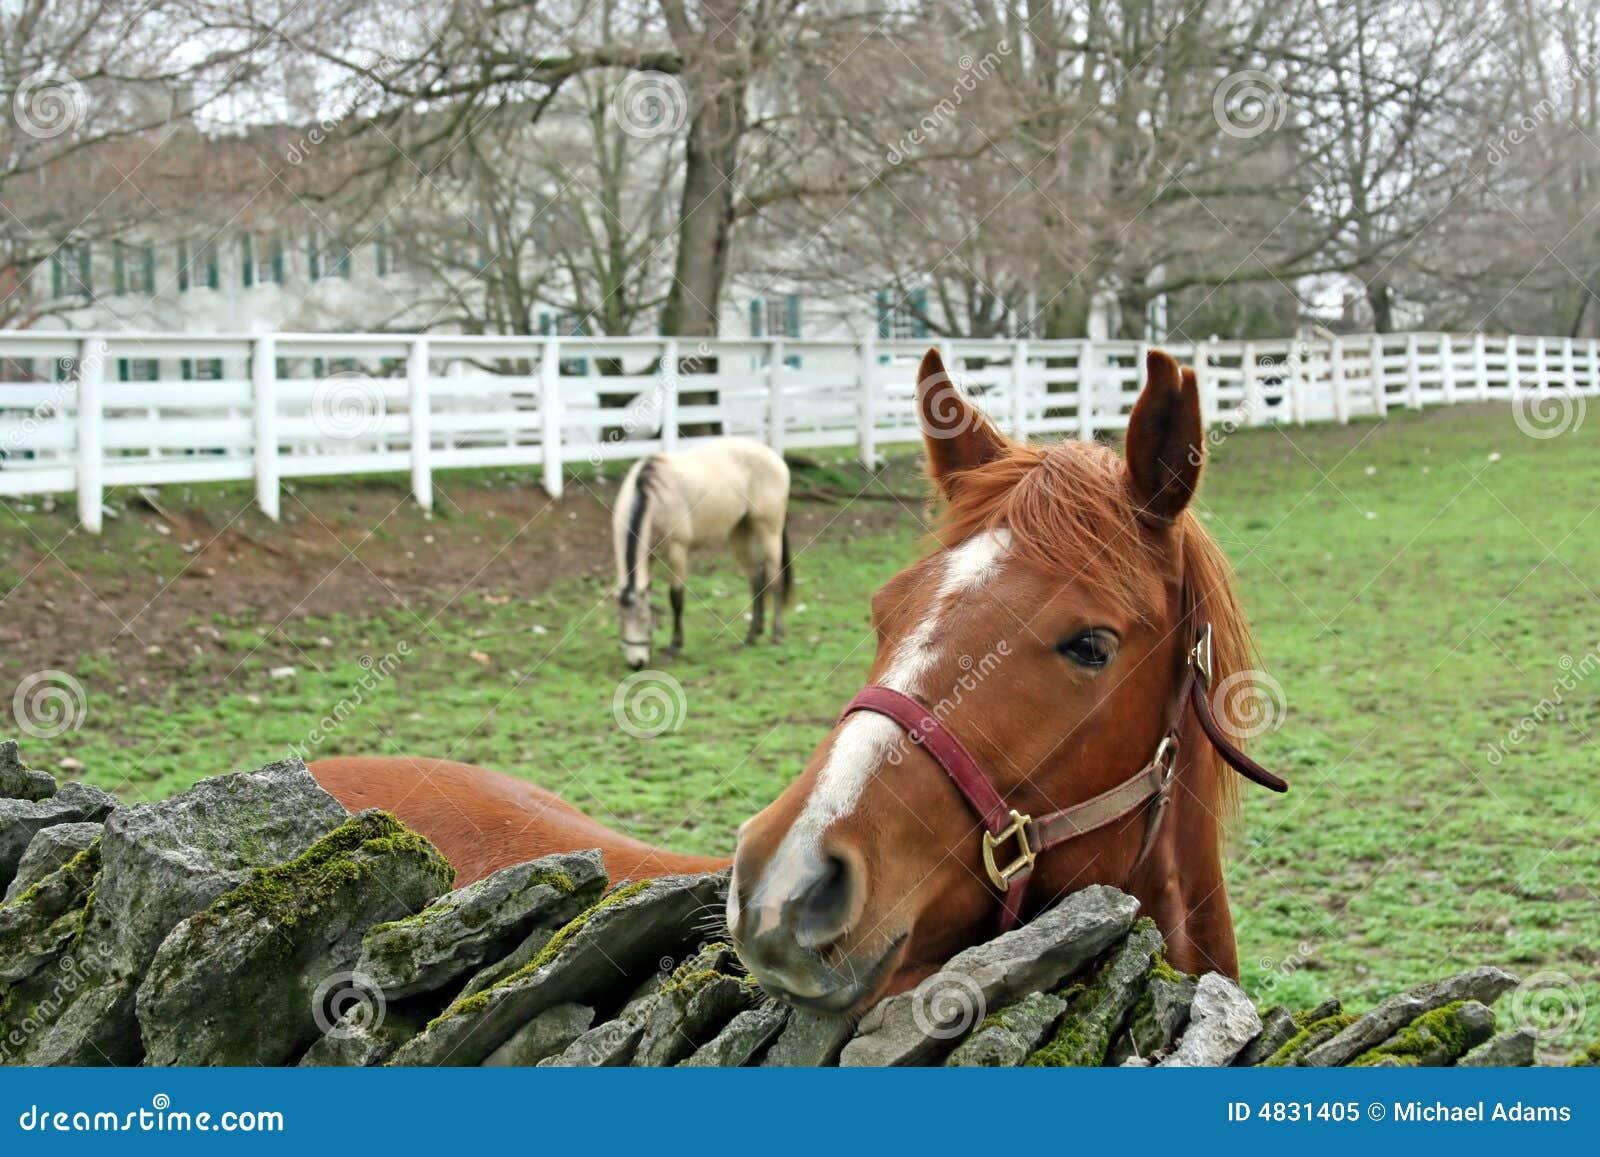 Pferden-Bauernhof